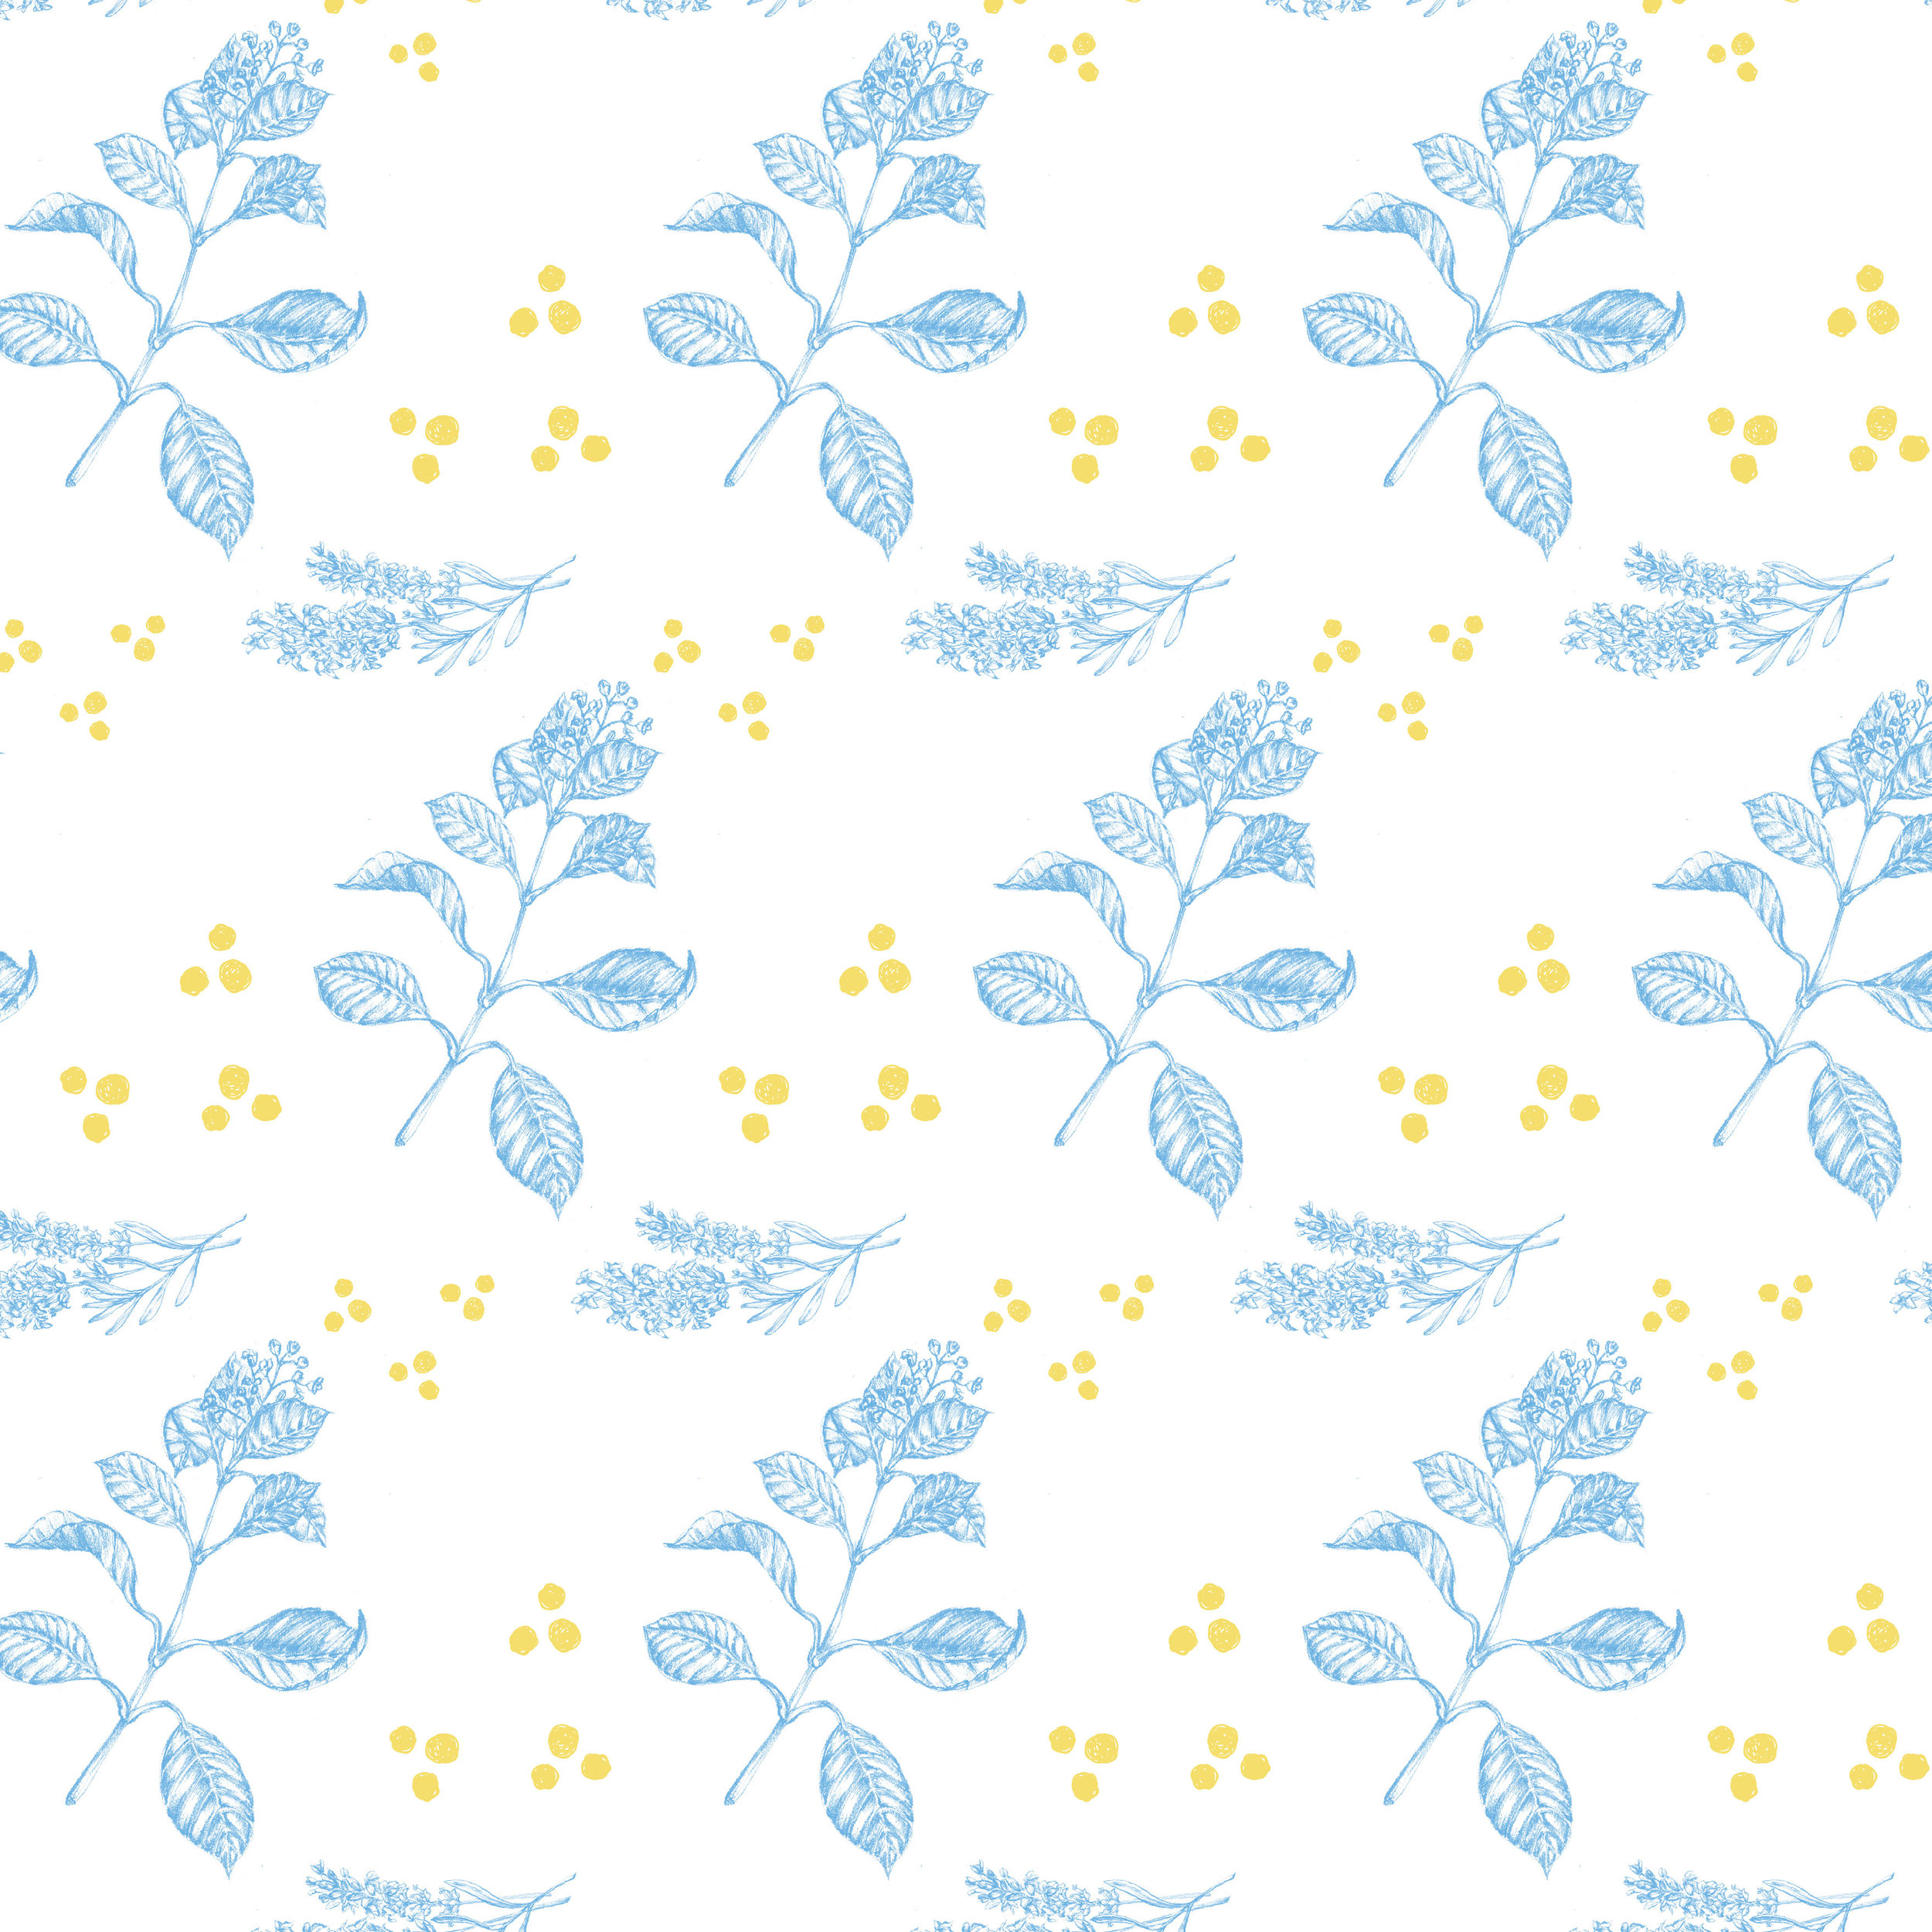 lavanderpattern.jpg